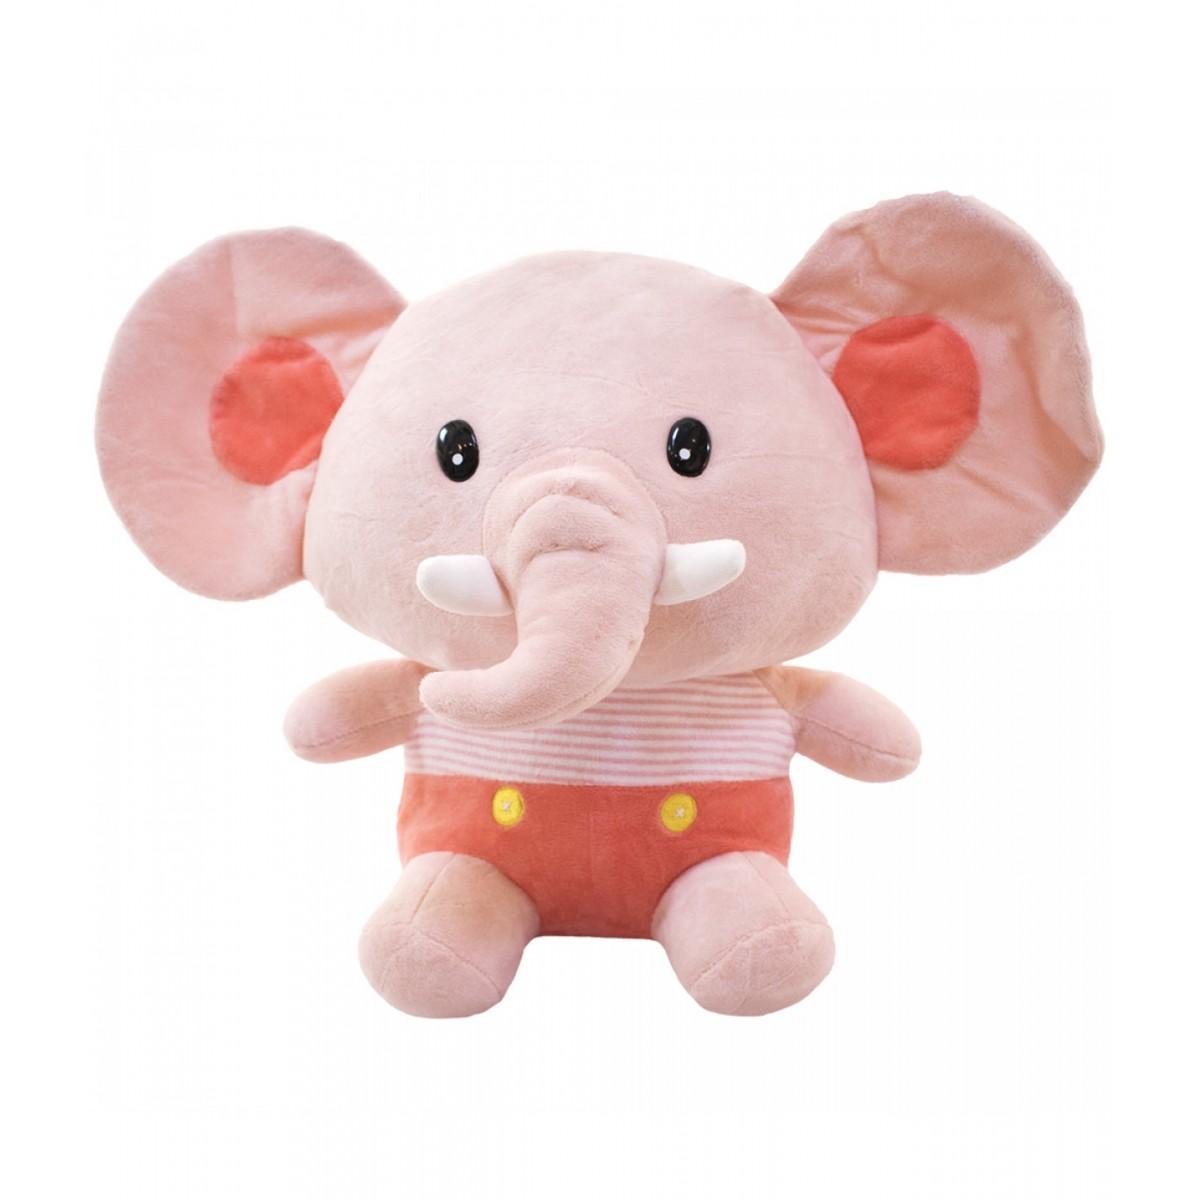 Pelúcia de Elefante Bebê Rosa 30cm Poliéster